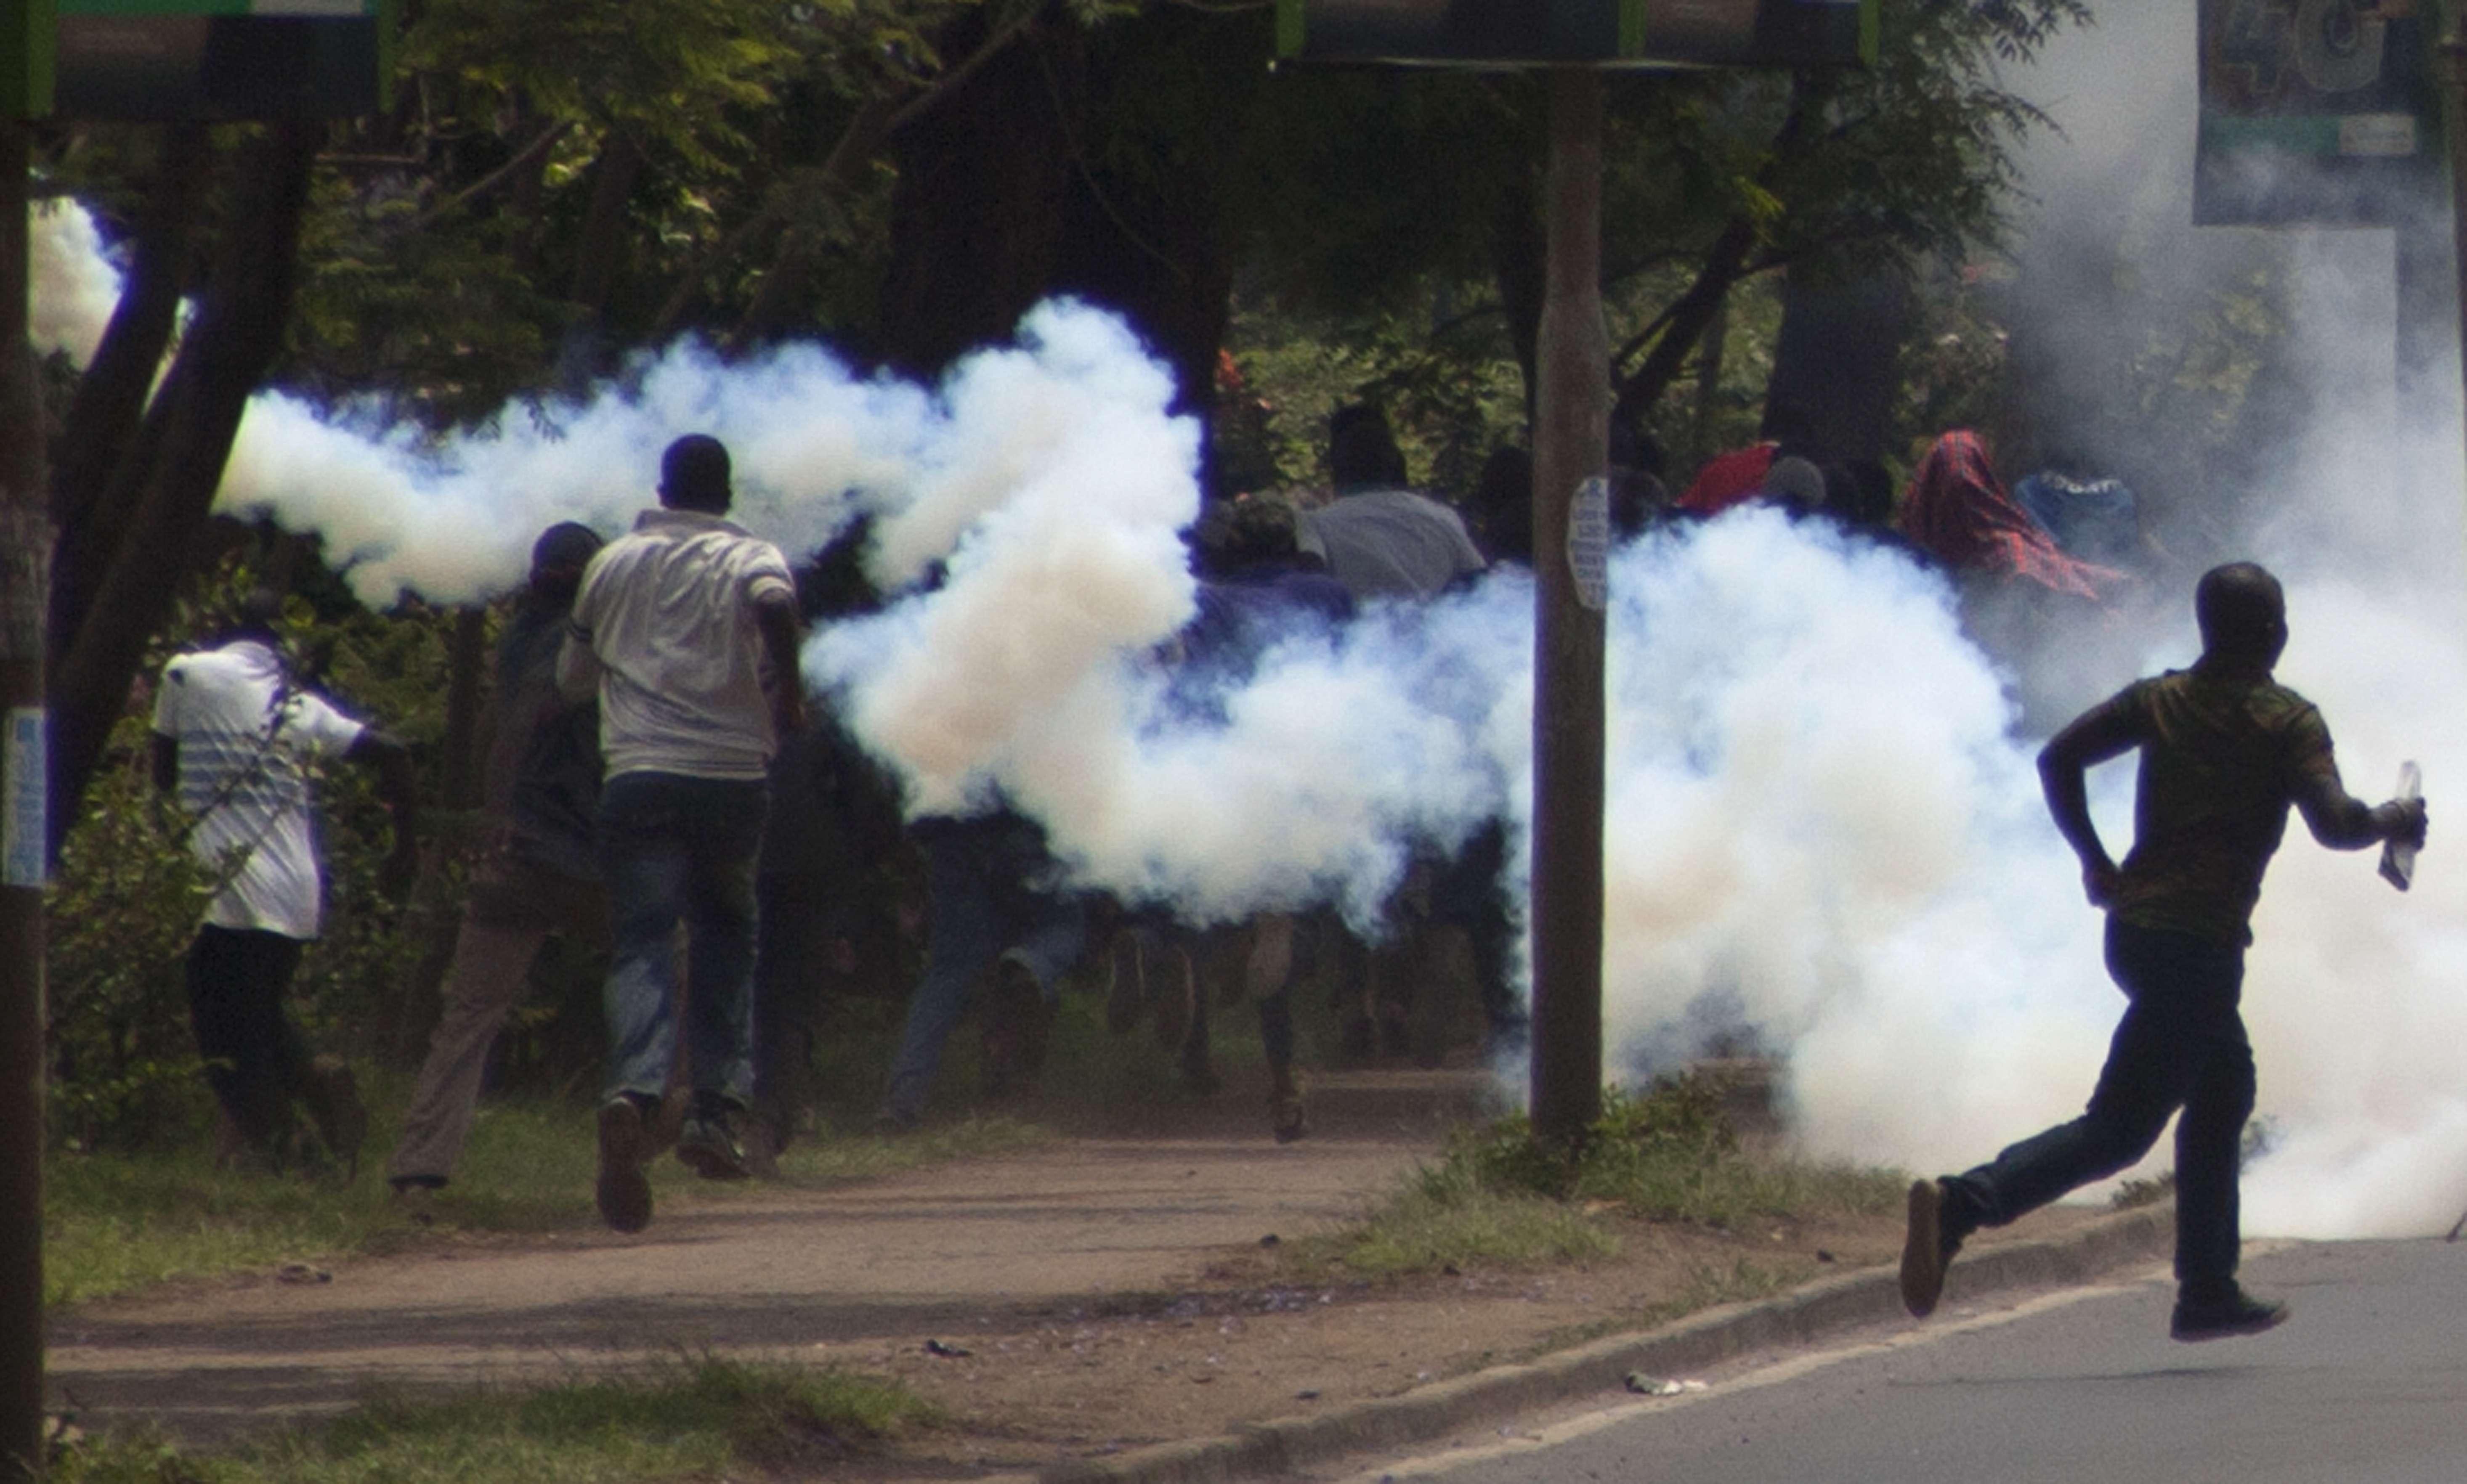 Trabajadores de funerarias y testigos dijeron que la policía les había disparado. Foto: AP